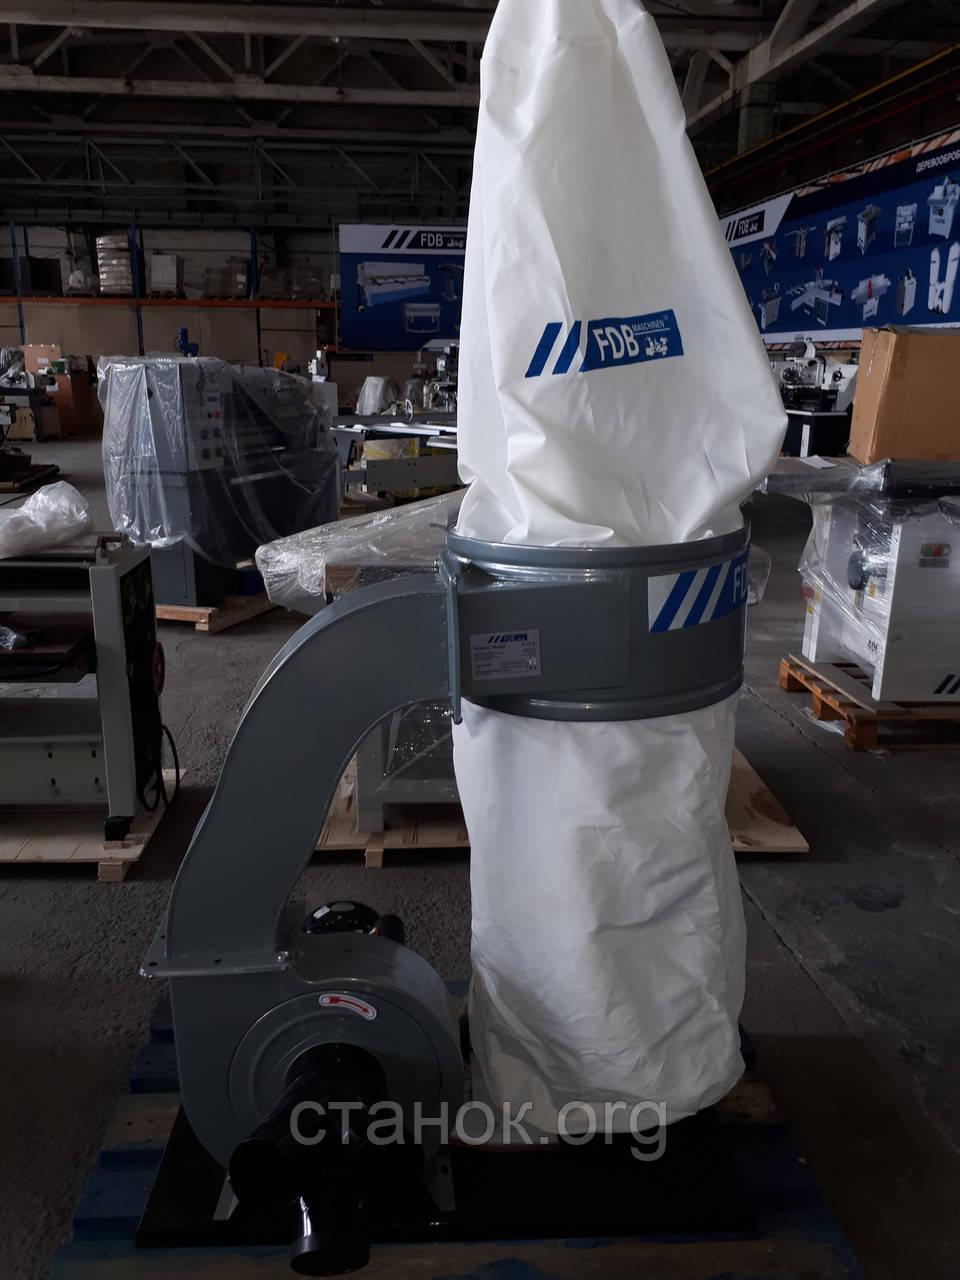 FDB Maschinen ST 25 B / 220 В пылесос, пылесборник, стружкосборник, аспирация фдб ст 25 б машинен